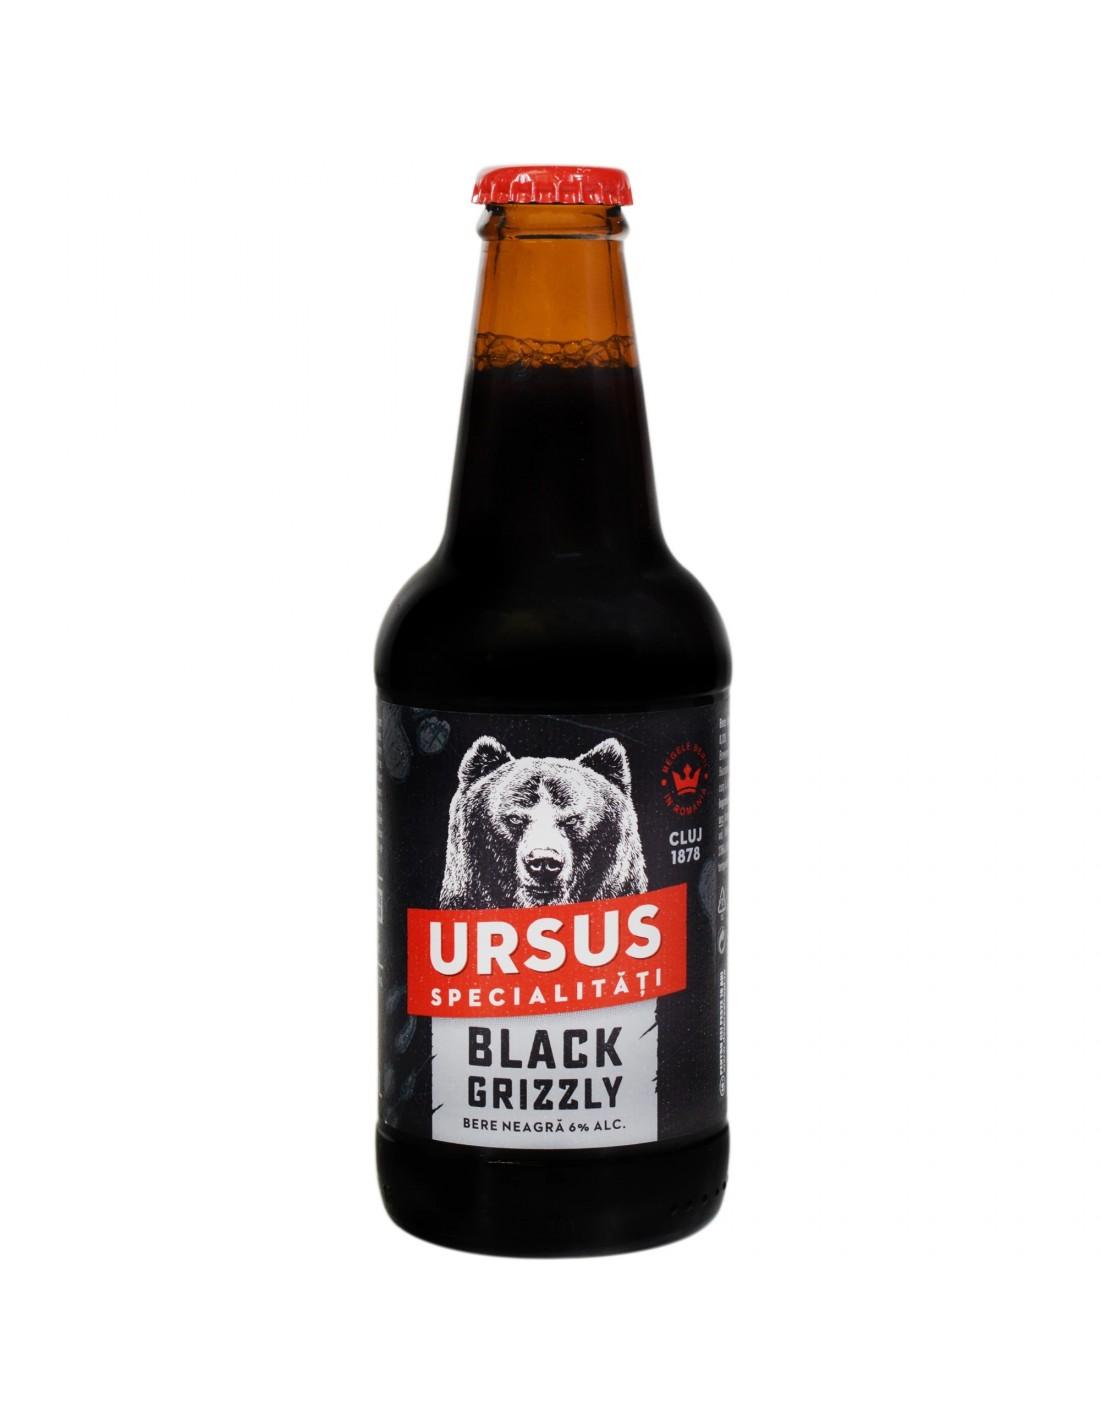 Bere neagra Ursus Black Grizzly, 6% alc., 0.33L, Romania